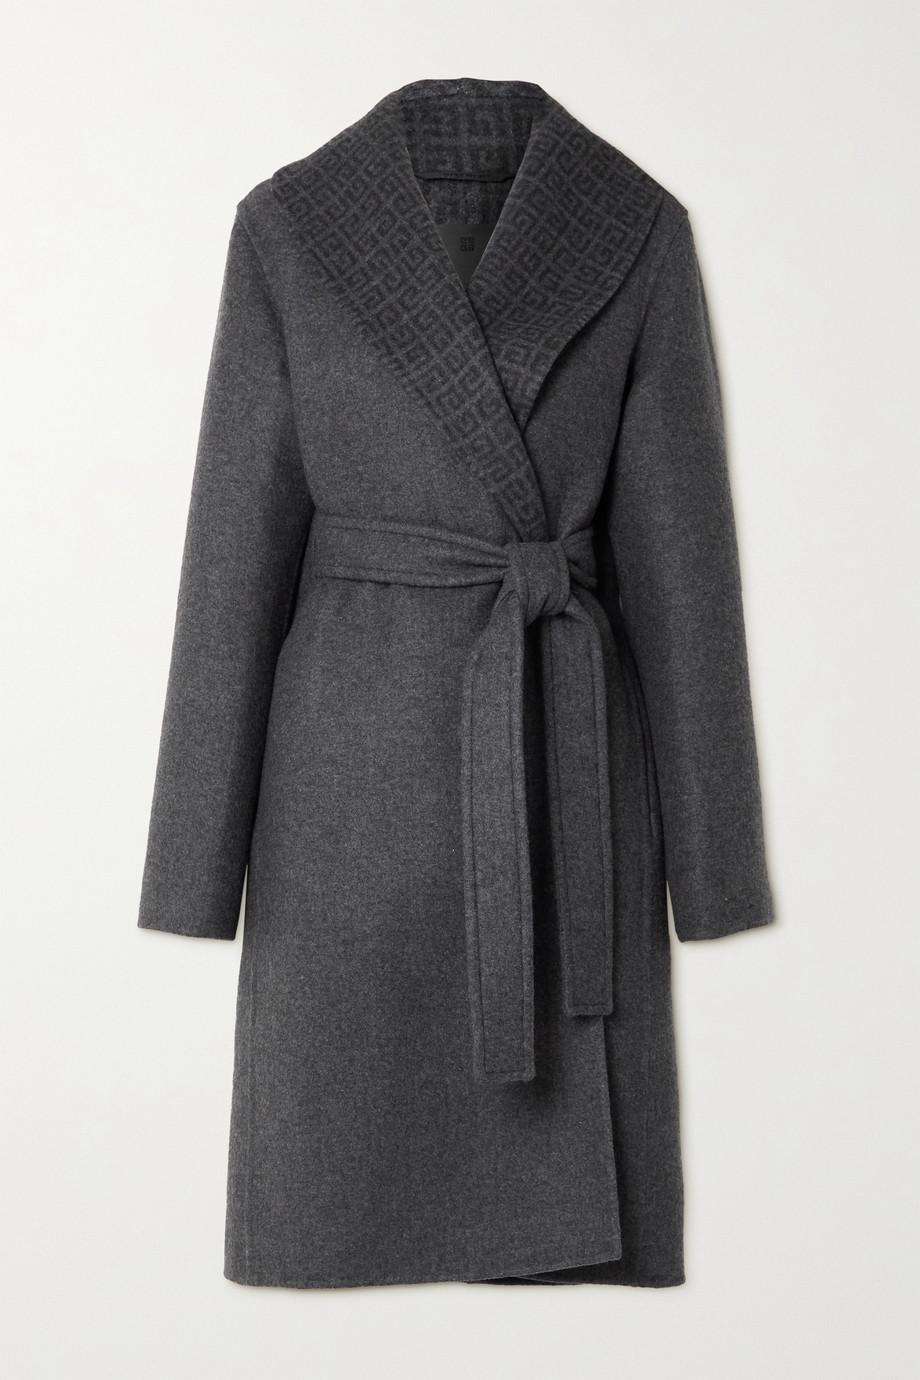 Givenchy Manteau en laine, cachemire et soie mélangés intarsia à ceinture